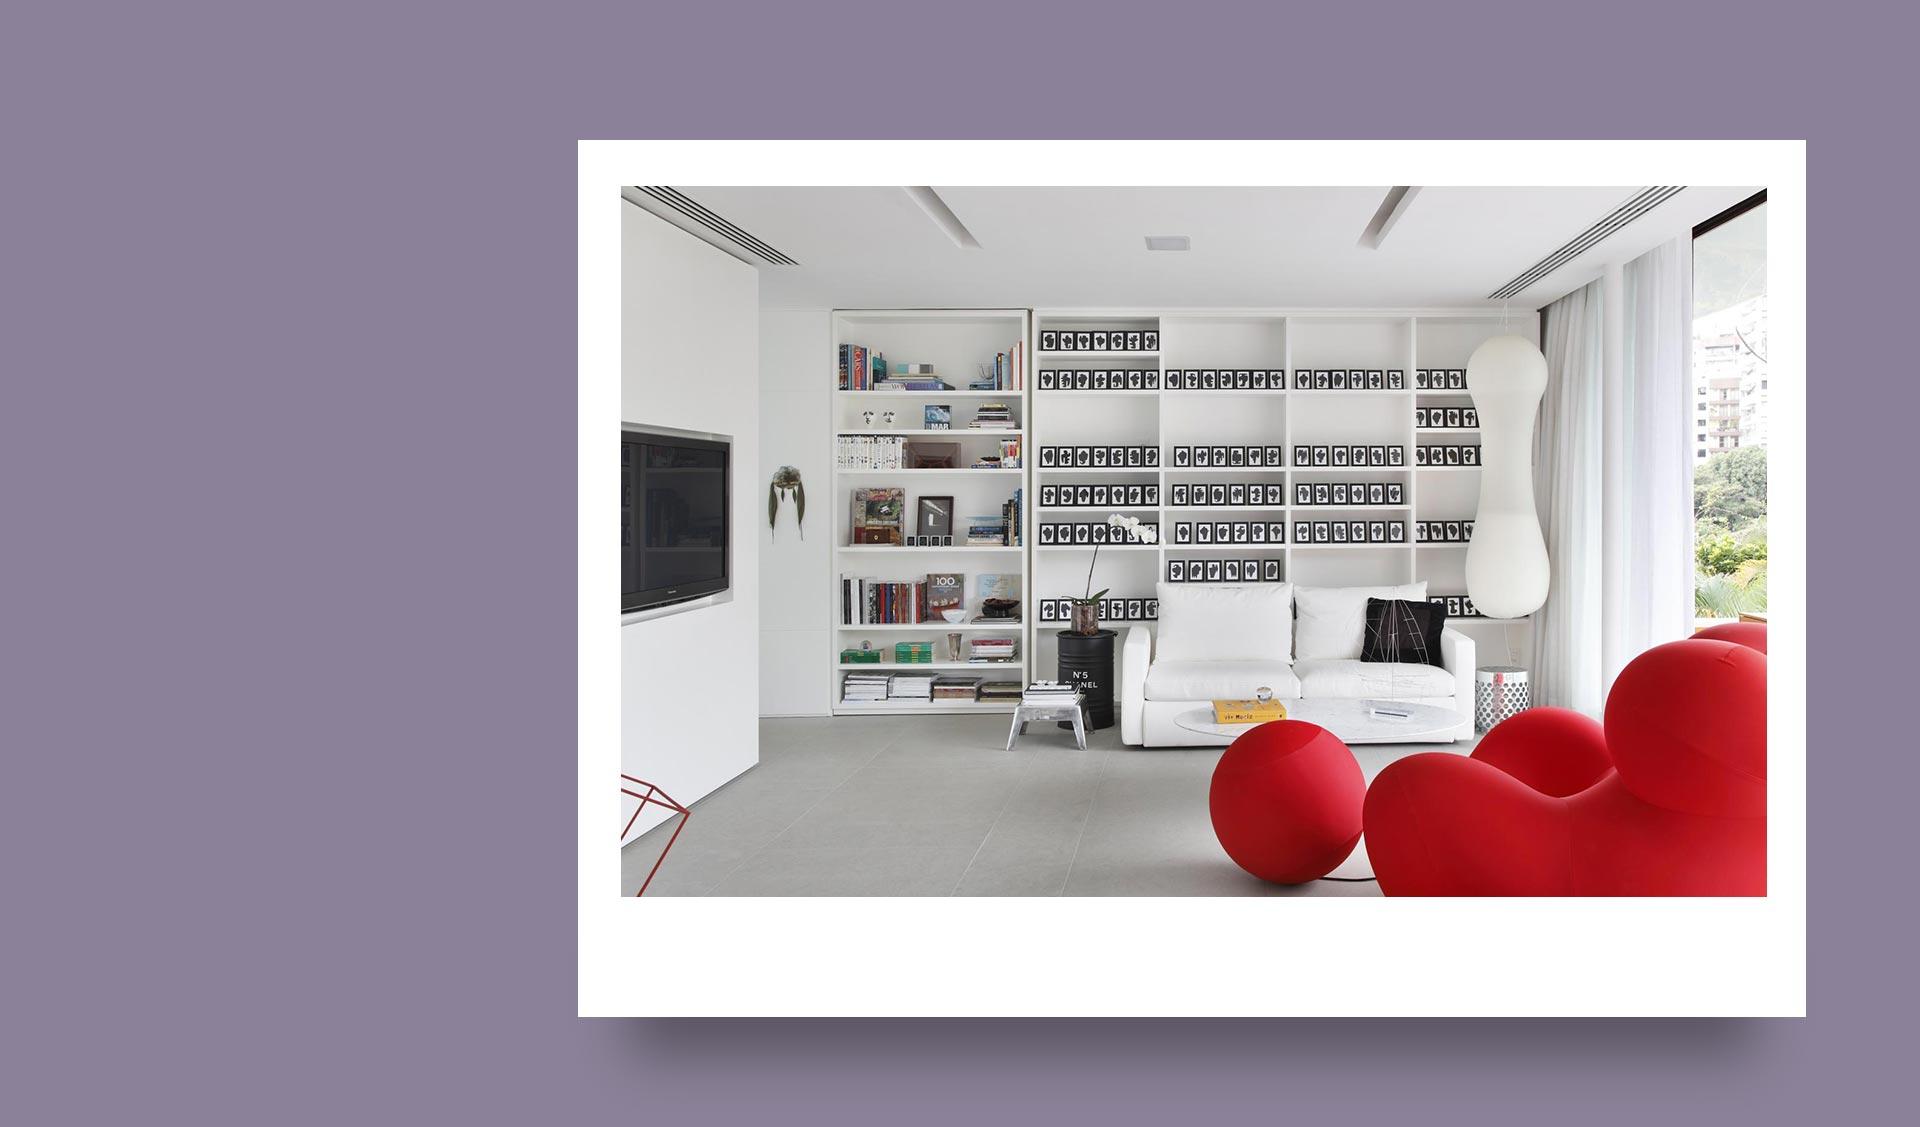 match materials to show the  importance of contrast - اهمیت کنتراست در طراحی داخلی ( و نحوه ی استفاده ی صحیح از آن)